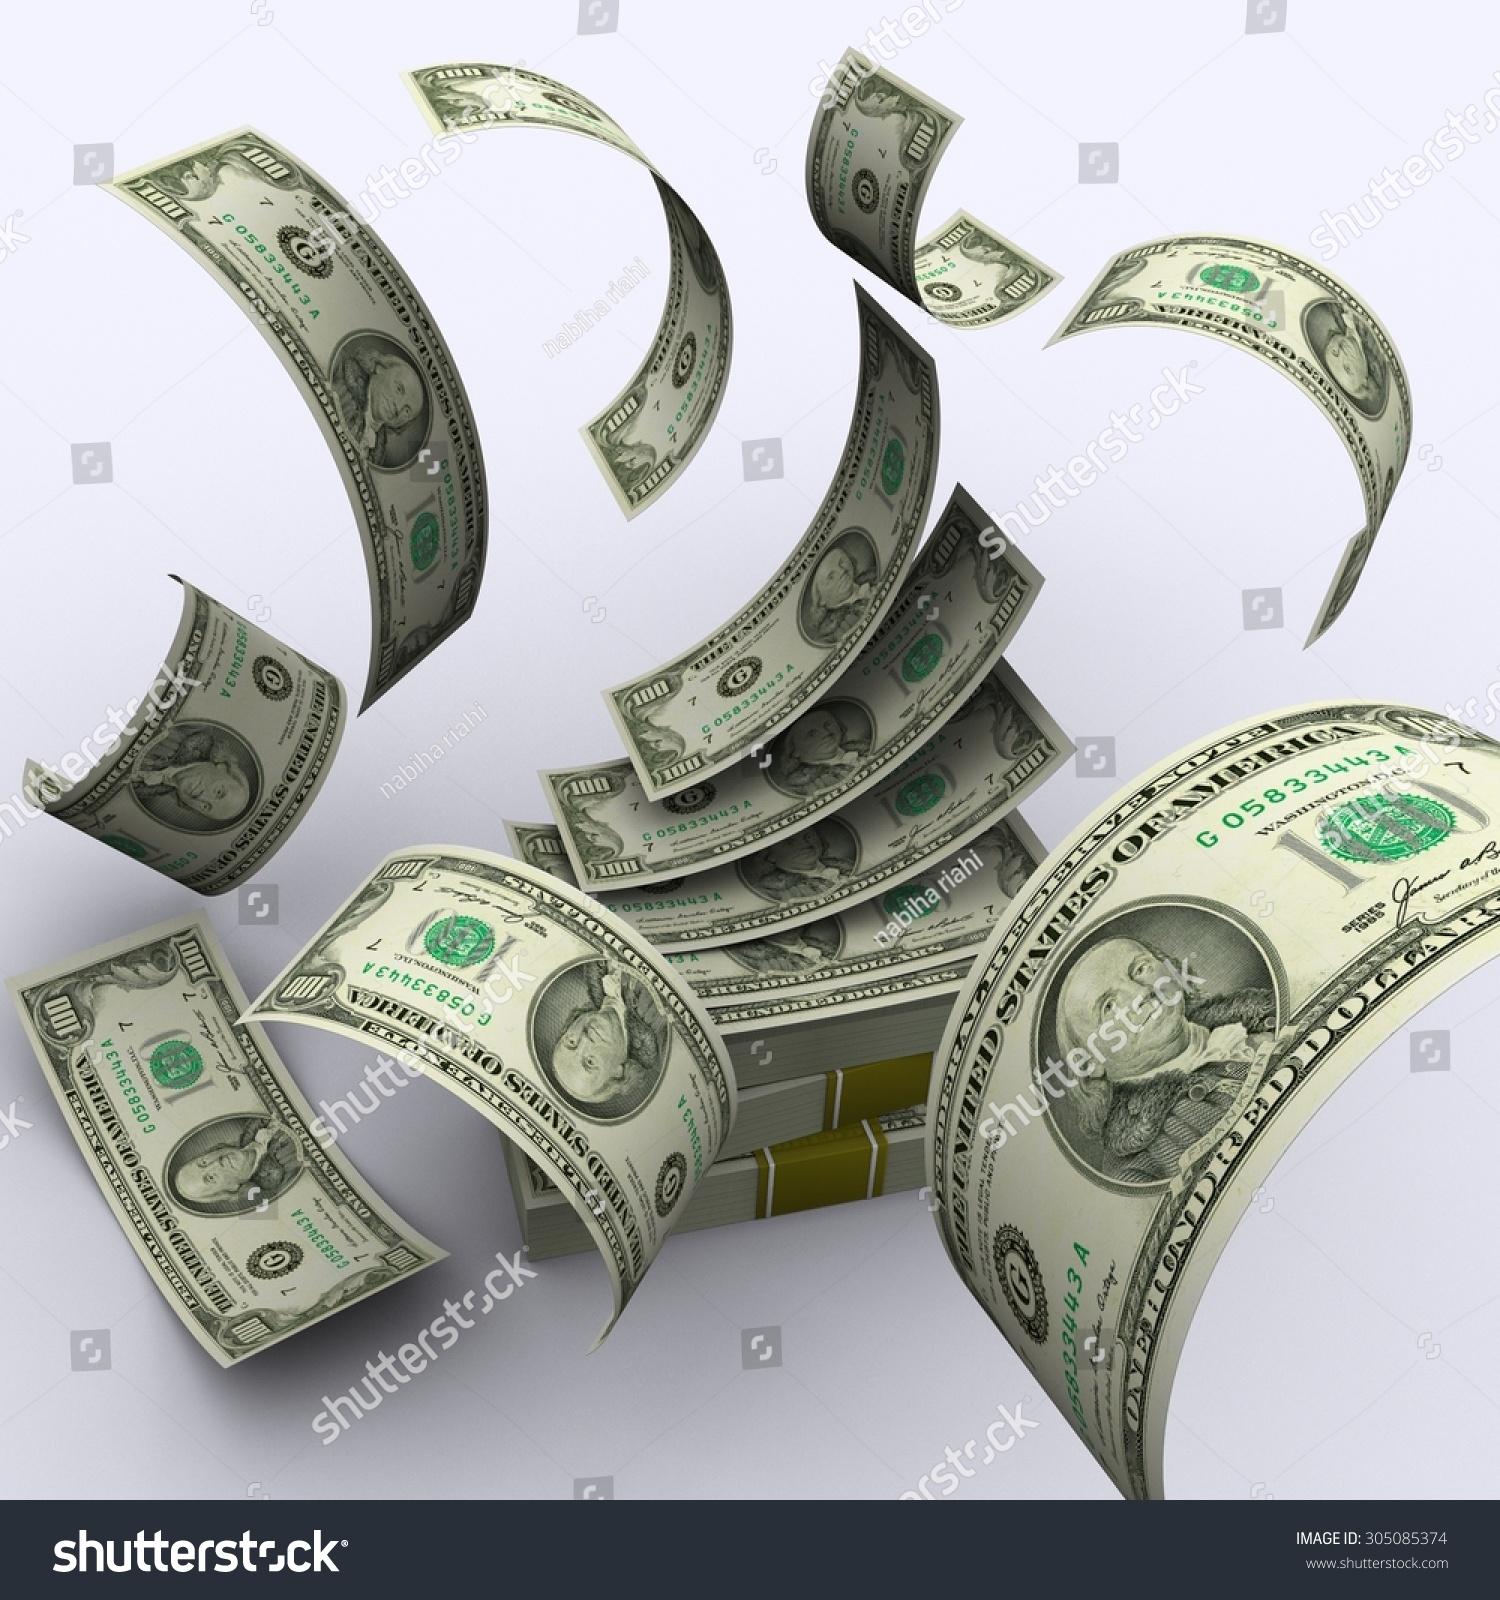 dollar bills falling on - photo #42